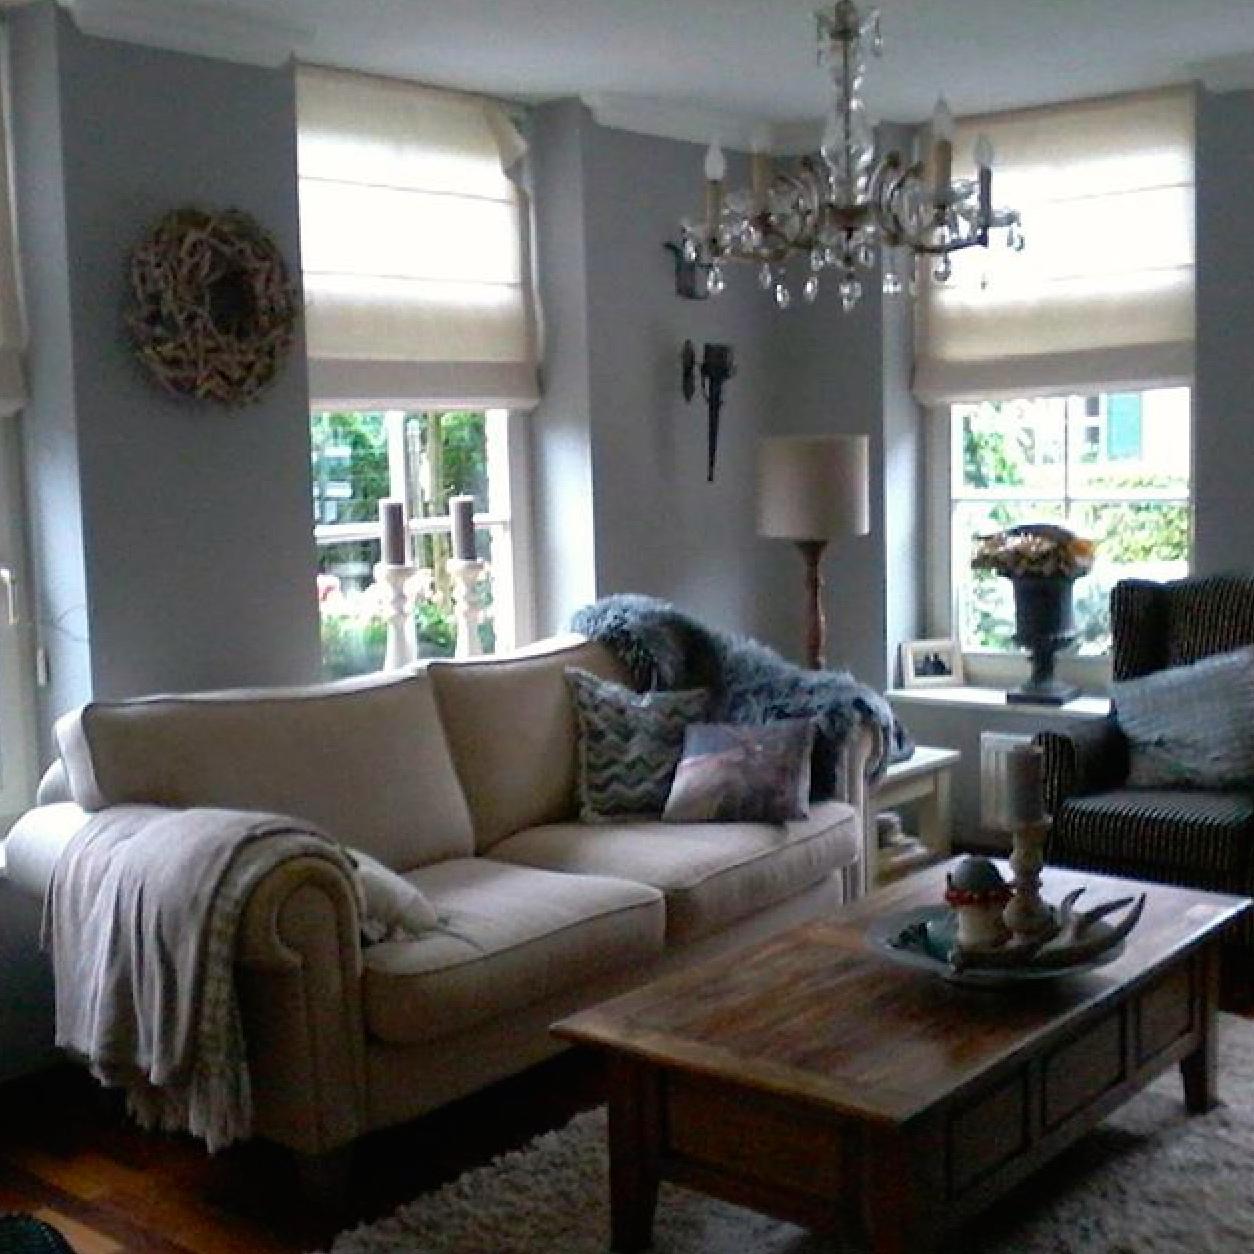 Landelijk Interieur Kleuren. Cool Moderne In Landelijke Stijl With ...